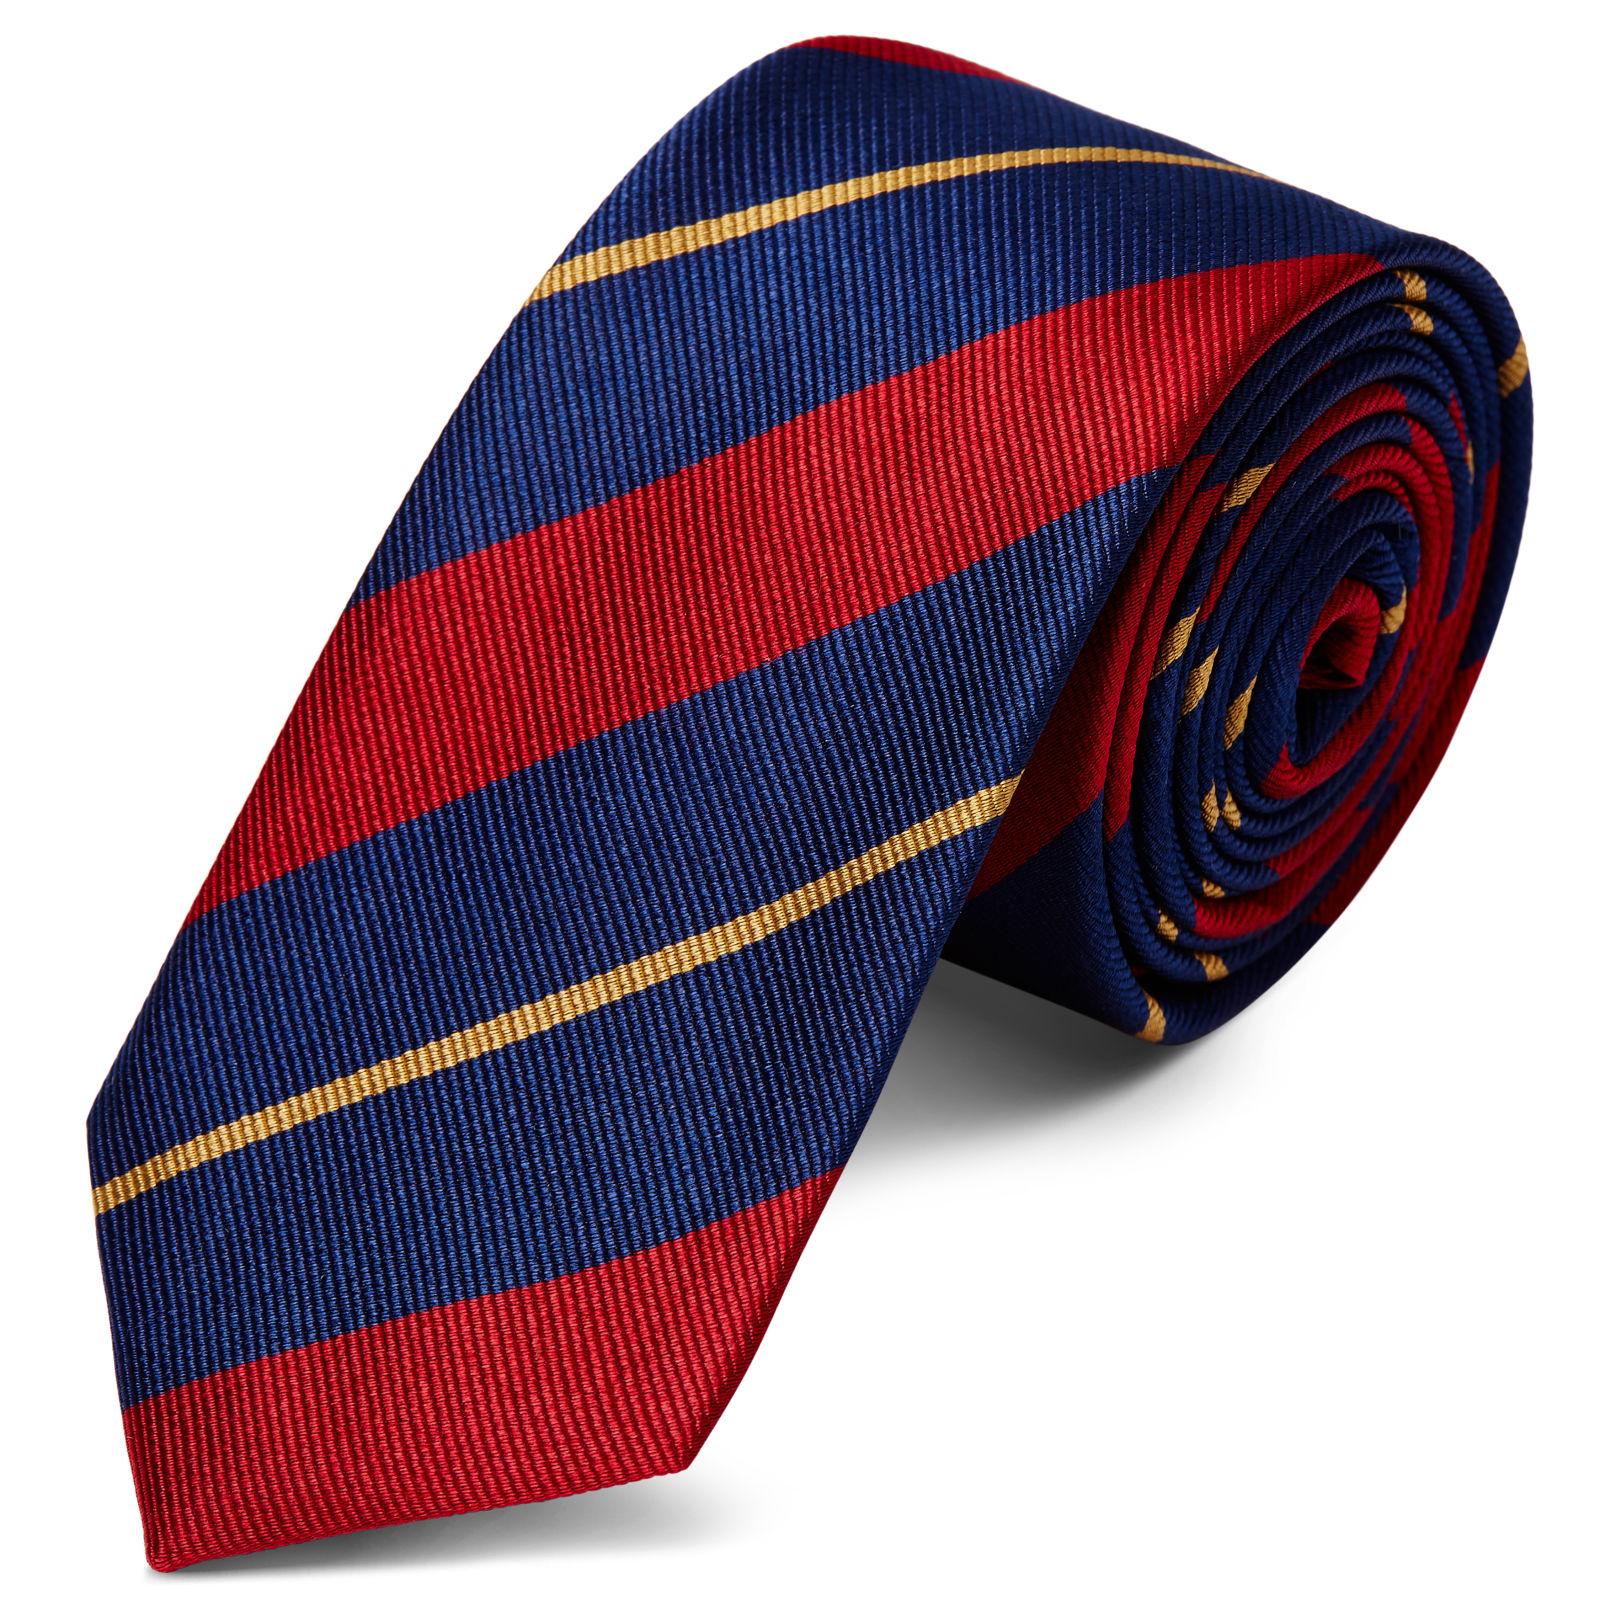 d8c2c55f3a Cravate en soie à rayures bleu marine, rouge et or - 6 cm | Port gratuit |  TND Basics